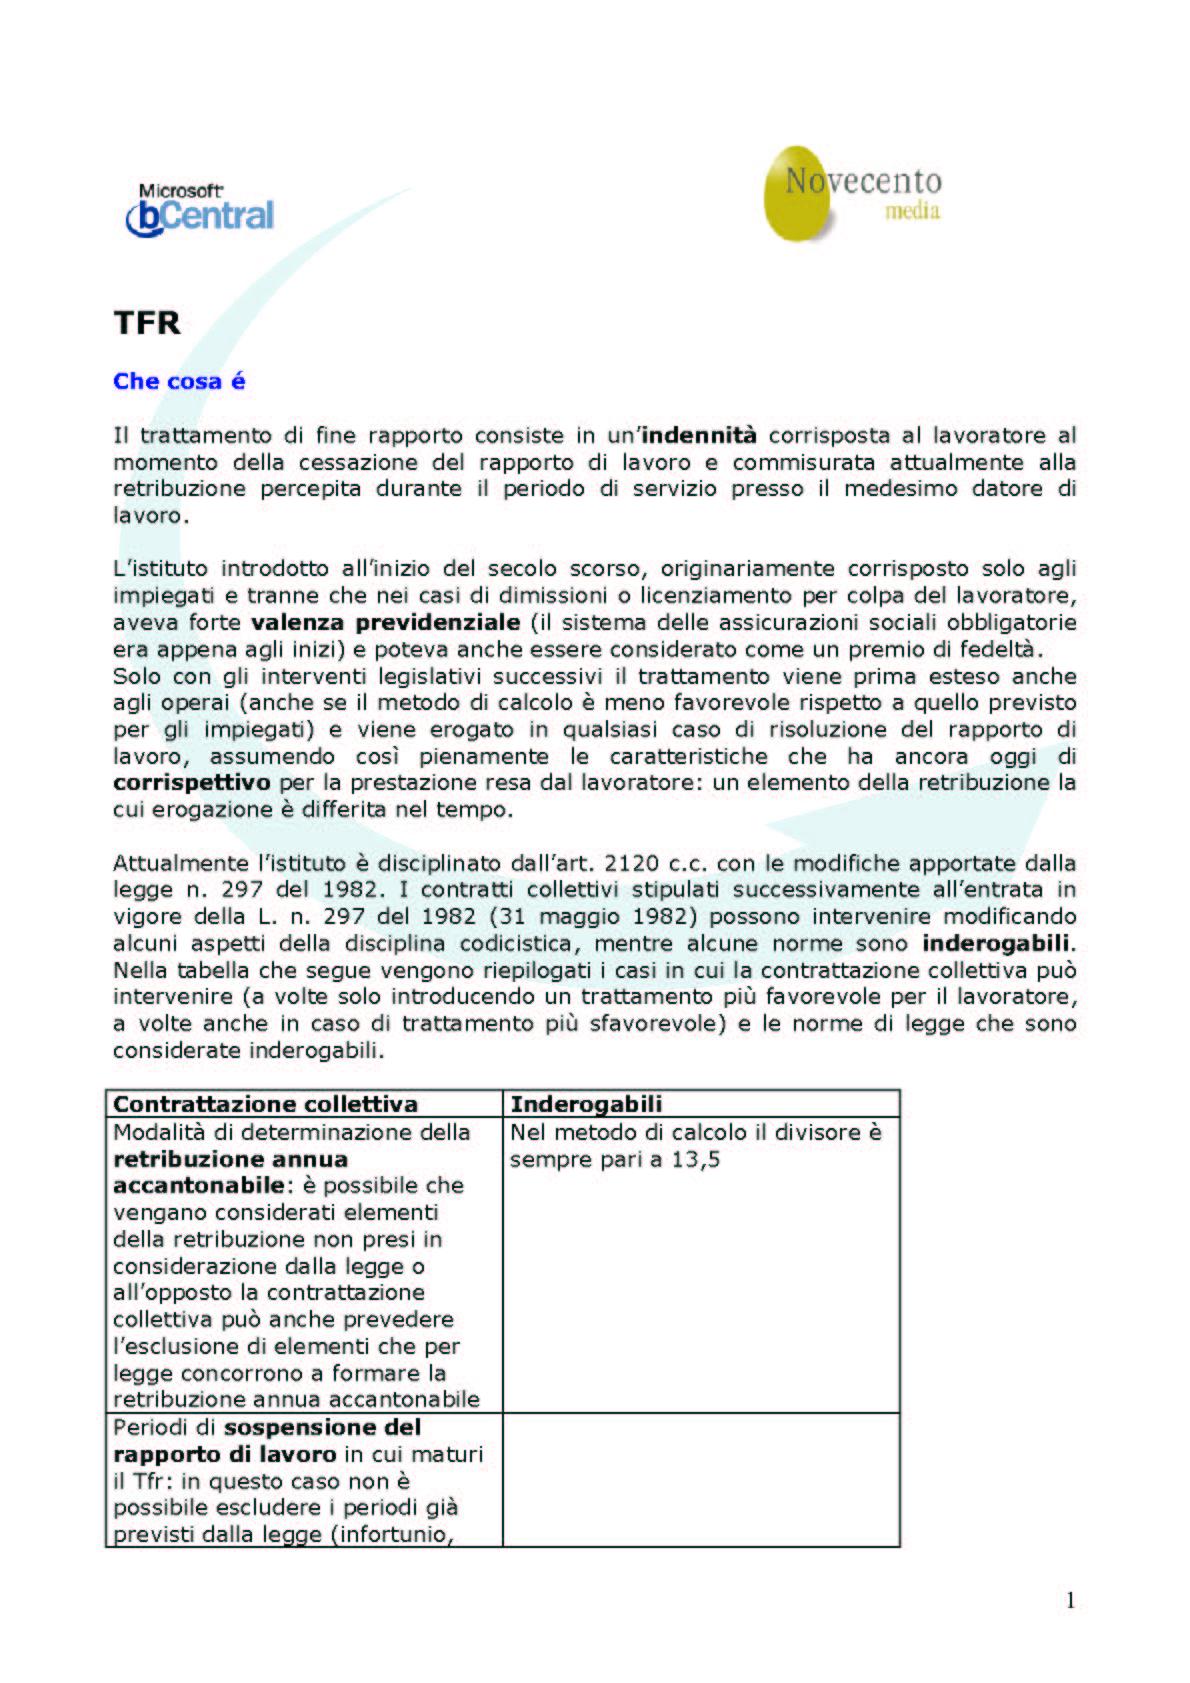 Modulo per ottenere il calcolo personalizzato del TFR trattamento di fine rapporto CLICCA QUI PER APRIRE IL MODULO DI CALCOLO Che cos ¨ il TFR